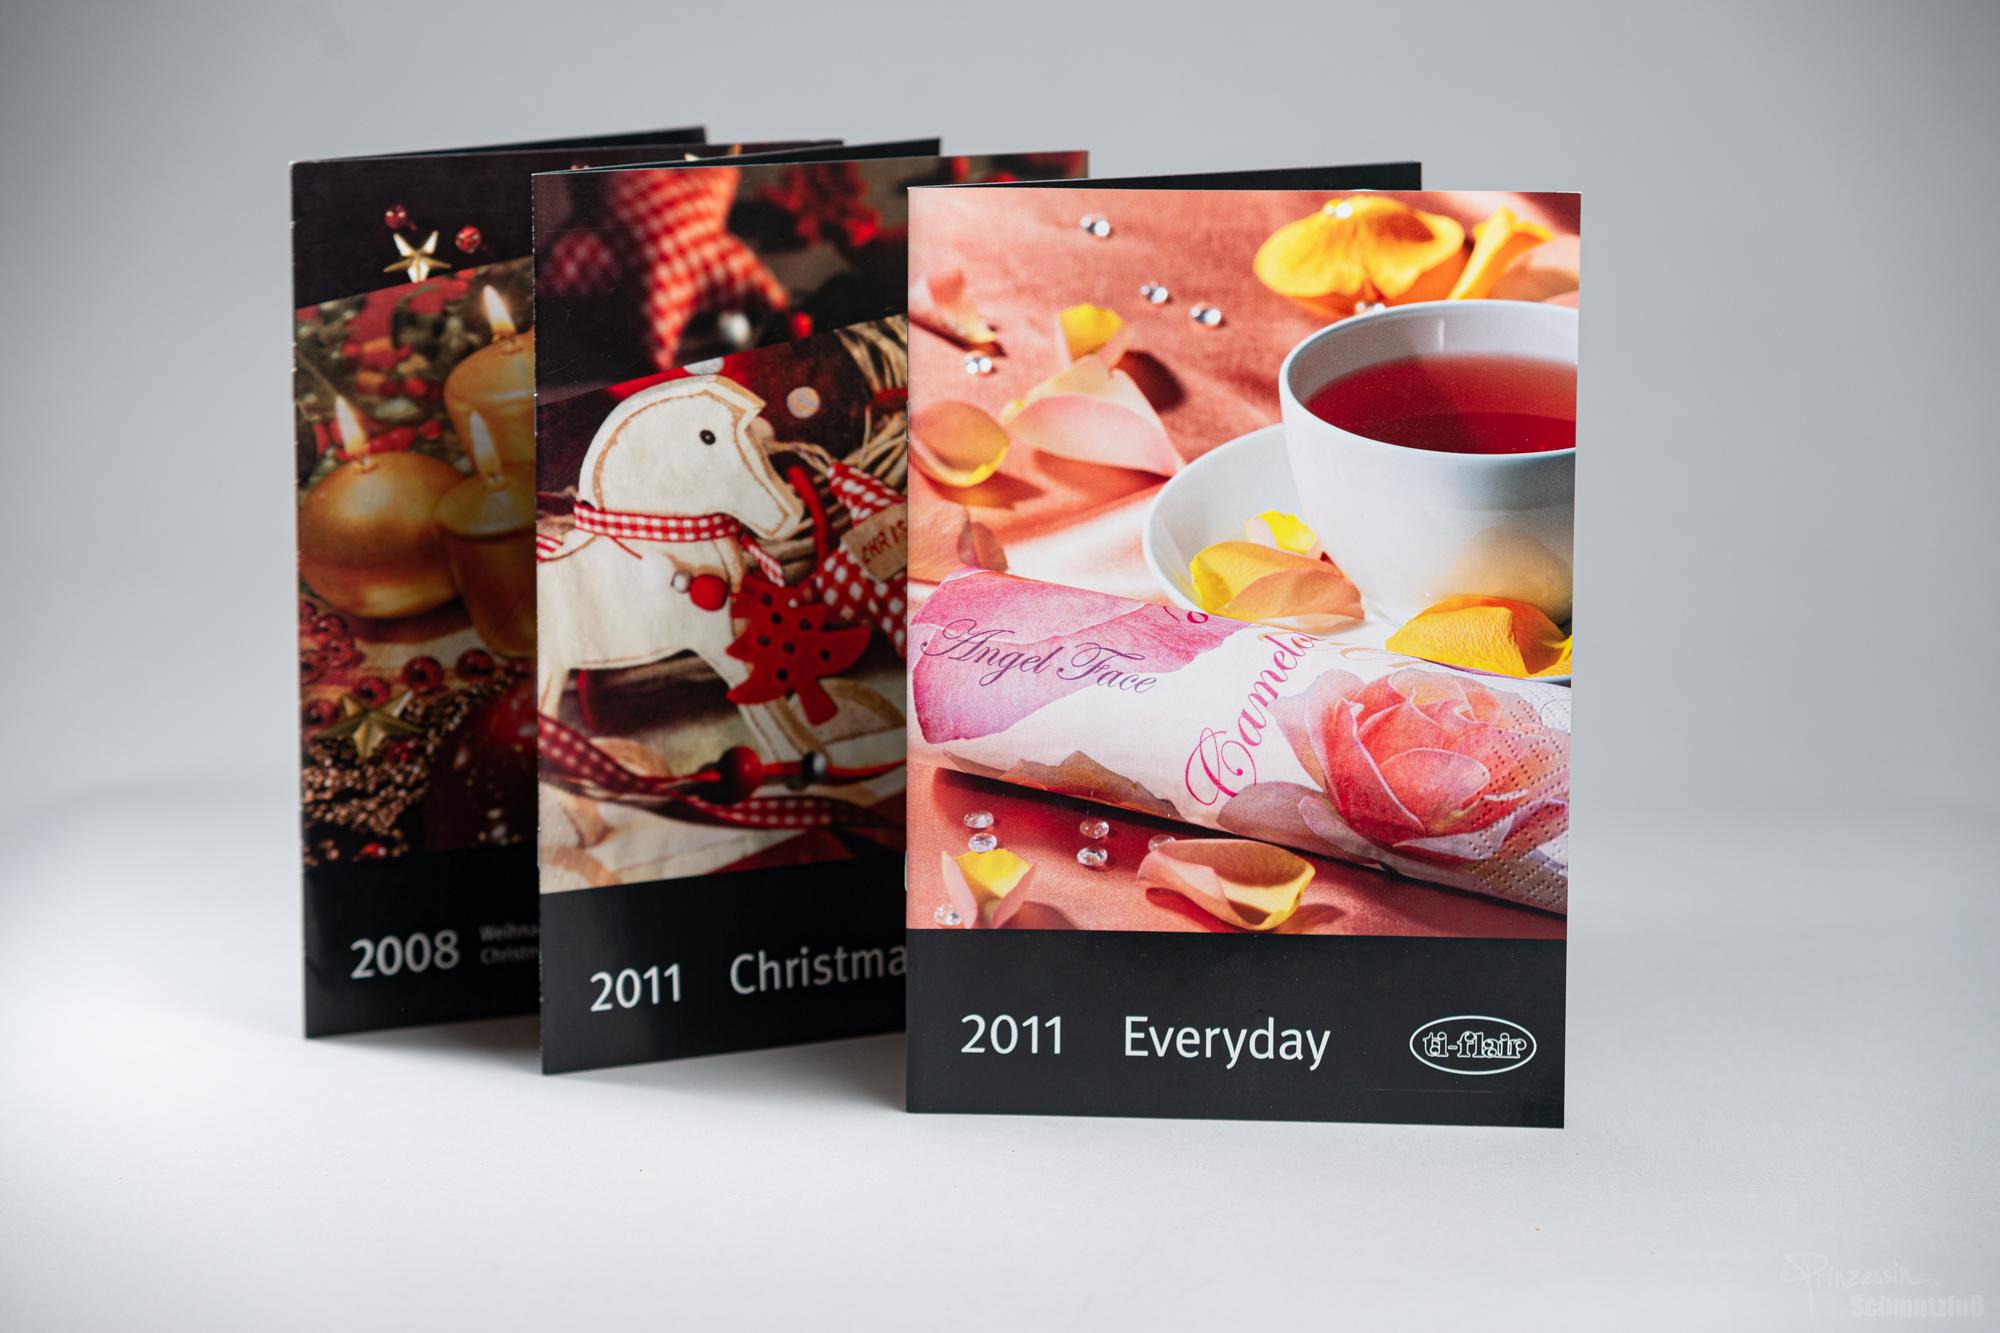 Stils Fotografie | Textanpassung | Jet Papier | Anstellung bei da vinci design